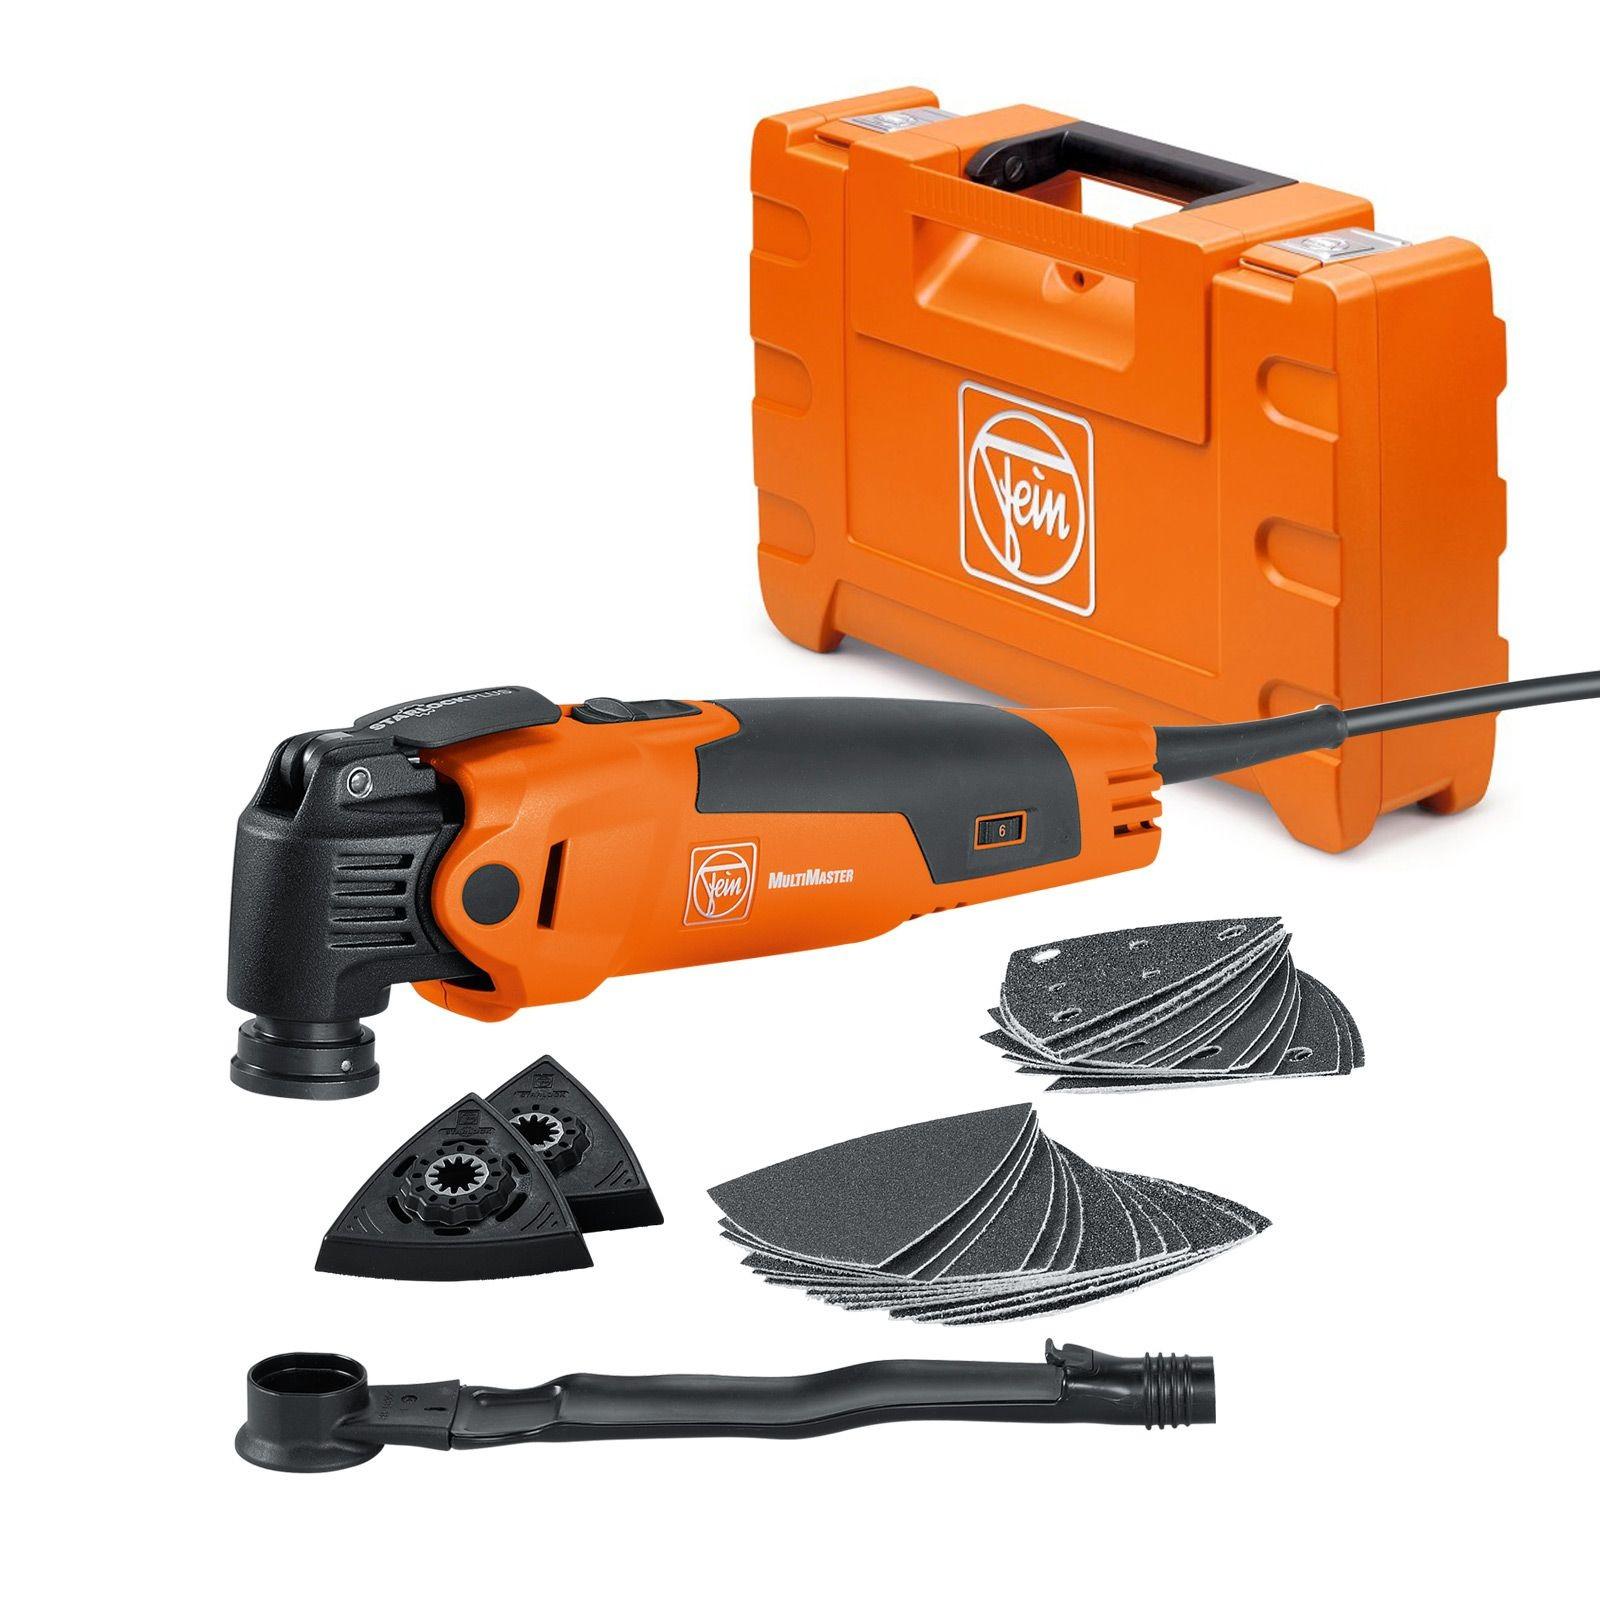 Fein MultiMaster FMM 350 QSL Basic im Koffer + Staubabsaugung für 142,98€ [werkzeugstore24.de]